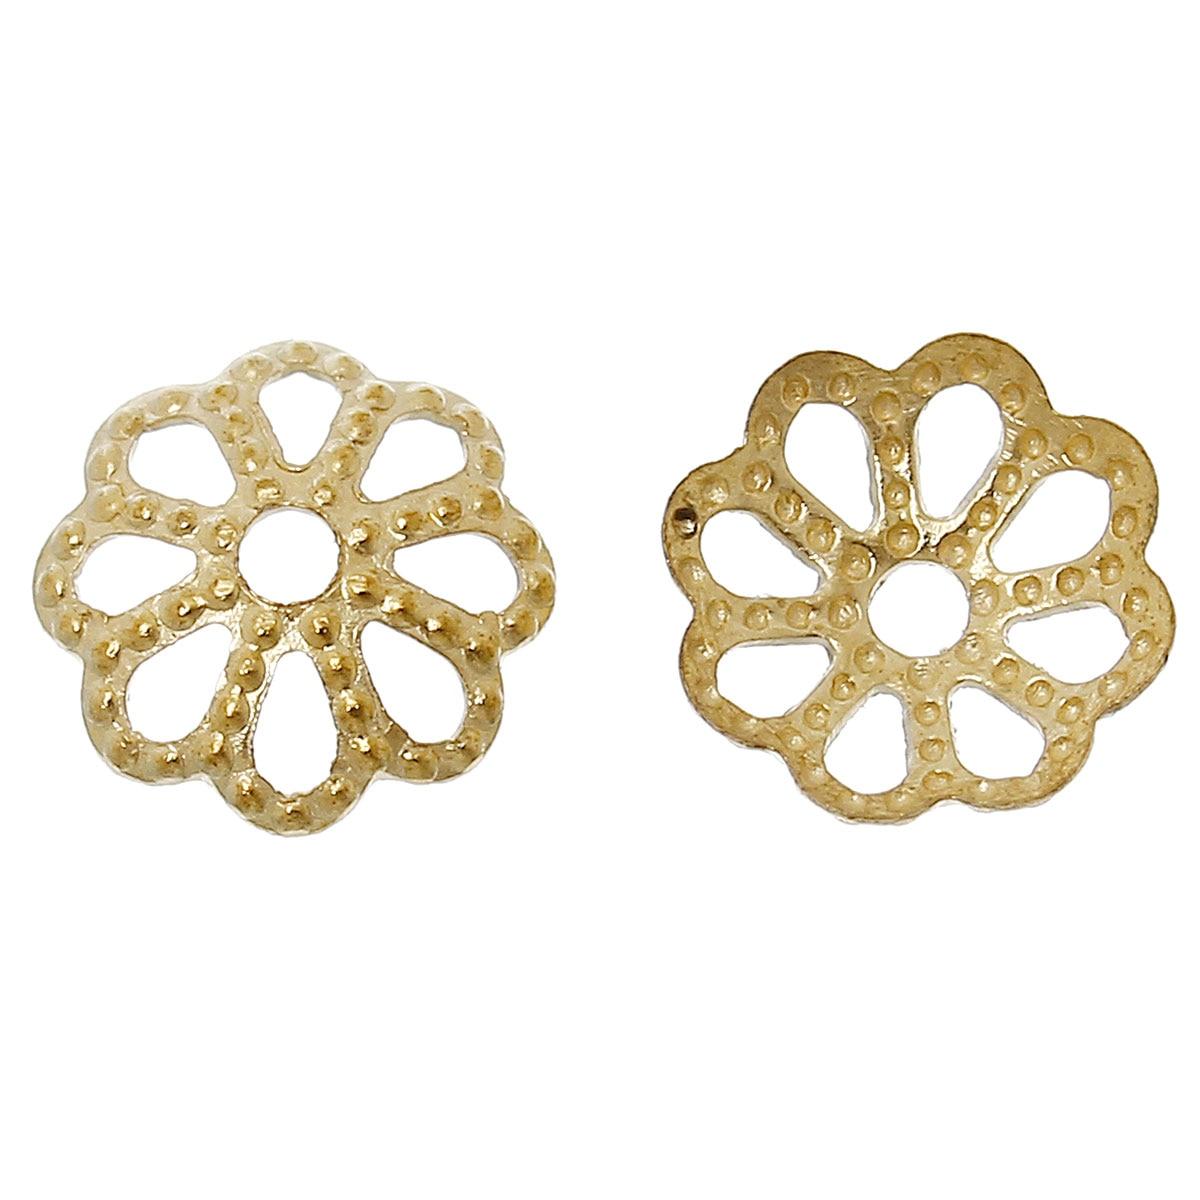 DoreenBeads Brass Beads Caps Flower Brass Tone (Fits 8mm Beads) 6mm( 2/8